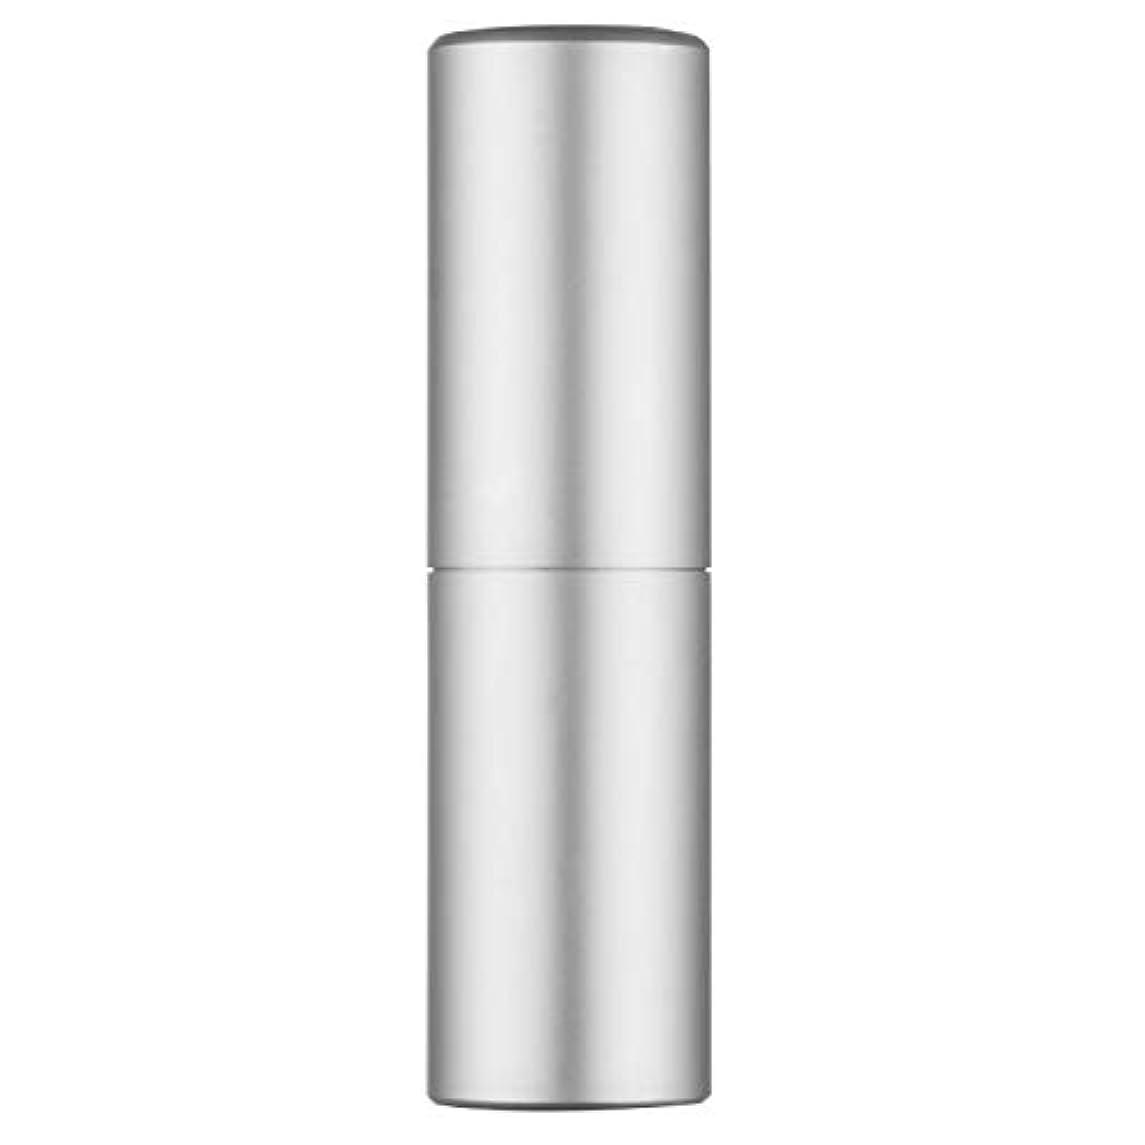 見出しキー落胆する香水アトマイザー レディース スプレーボトル 香水噴霧器 20ml